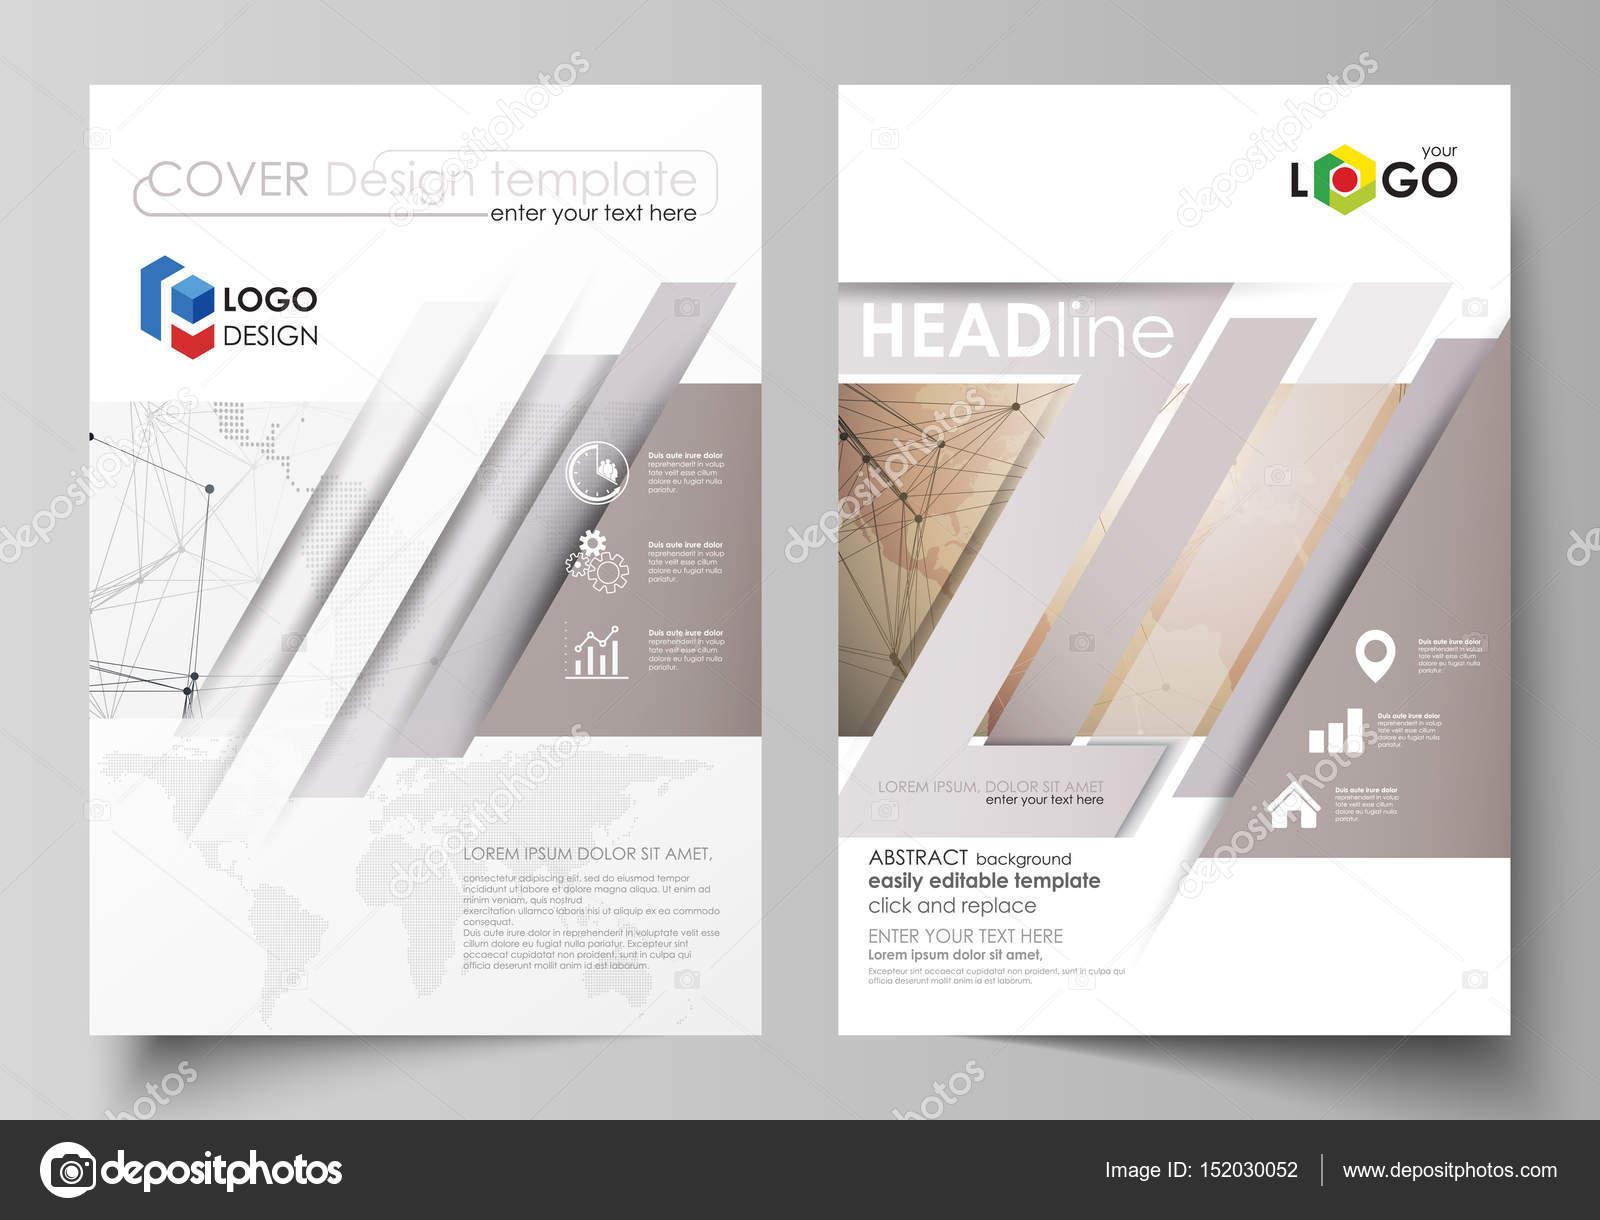 Die Vektor Illustration Des Editierbare Layouts Von Zwei Din A4